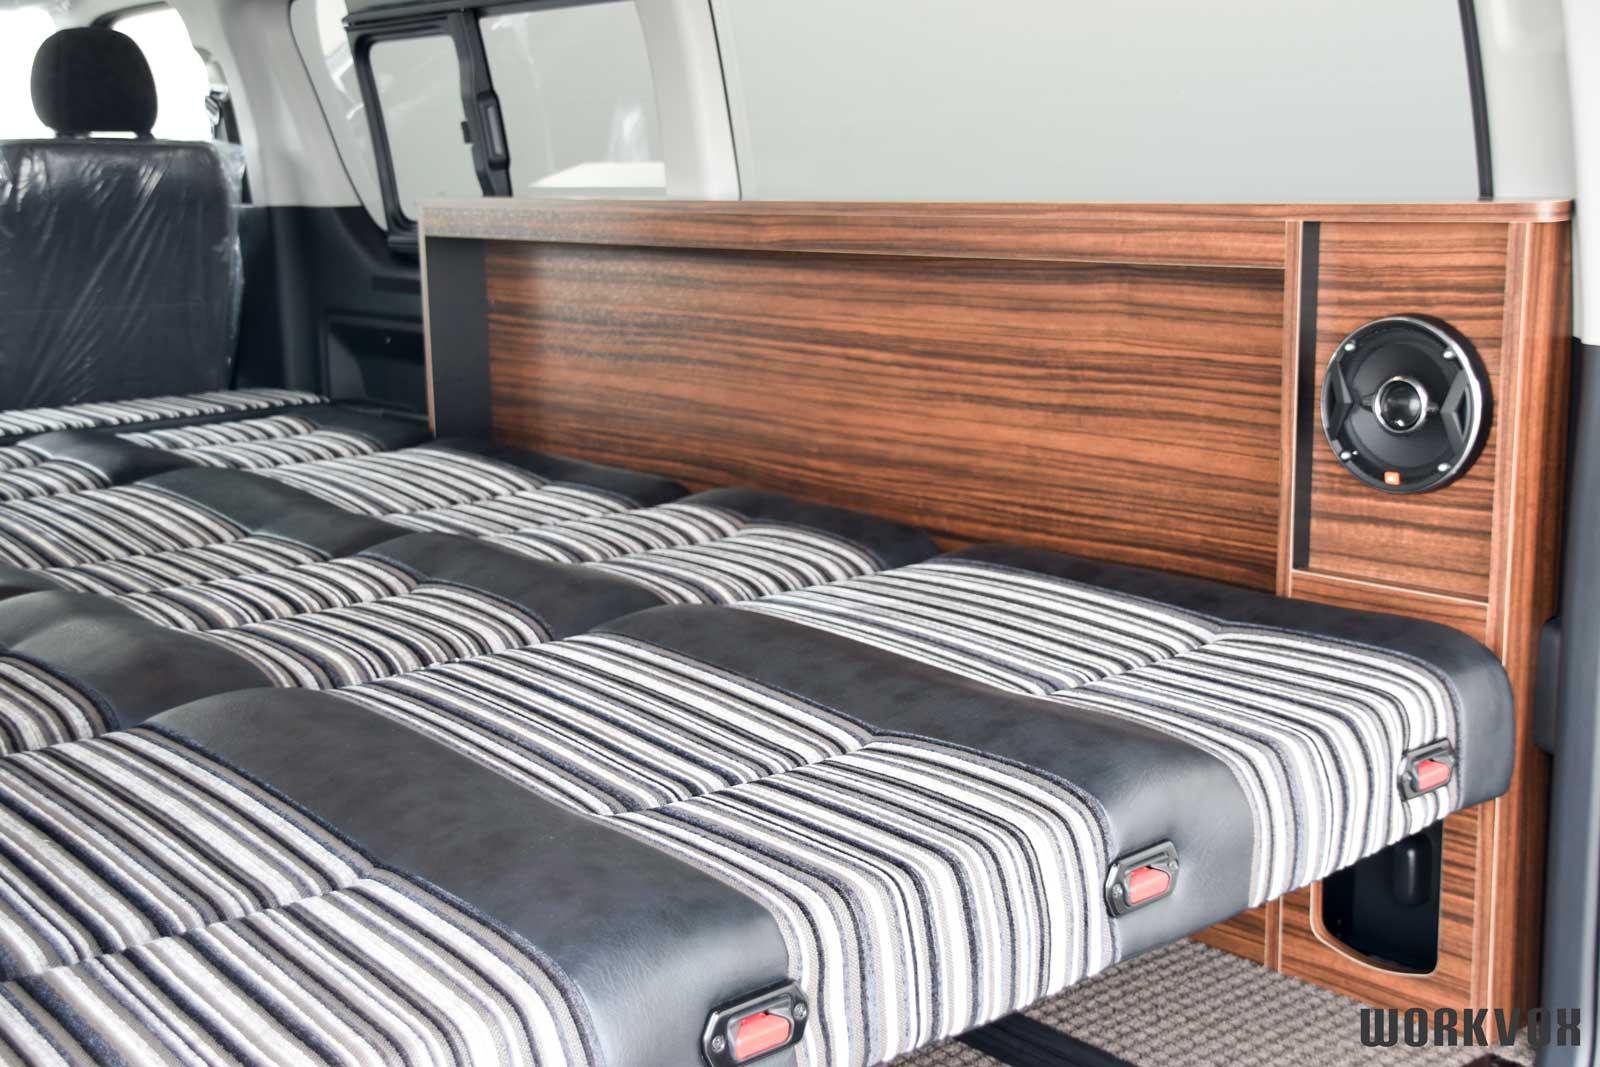 ハイエース 二段ベッド マット収納